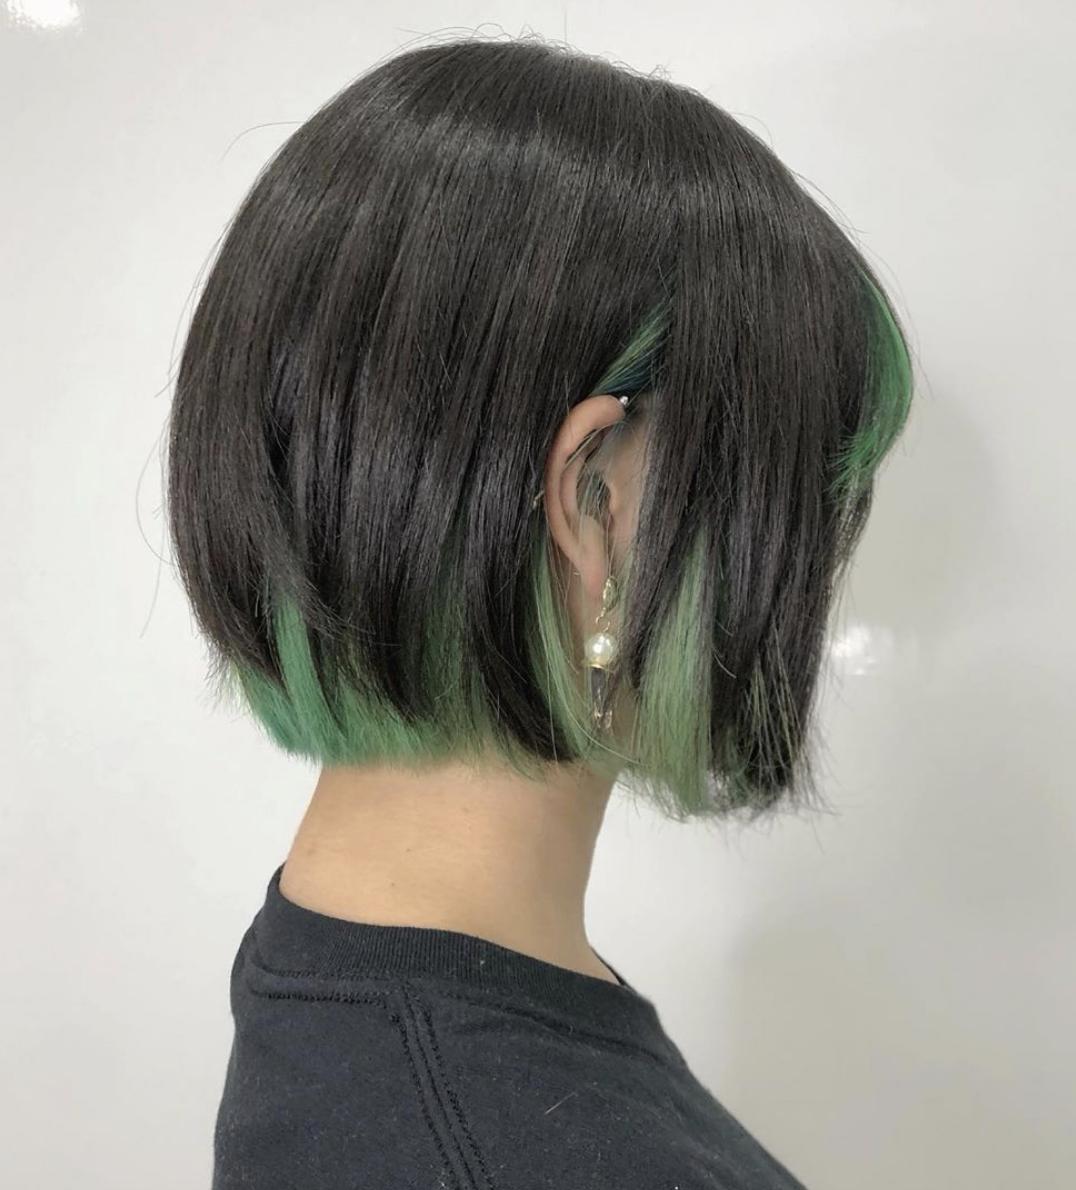 髪色 髪型 ヘアカラー トレンドヘア アッシュ グリーン 緑